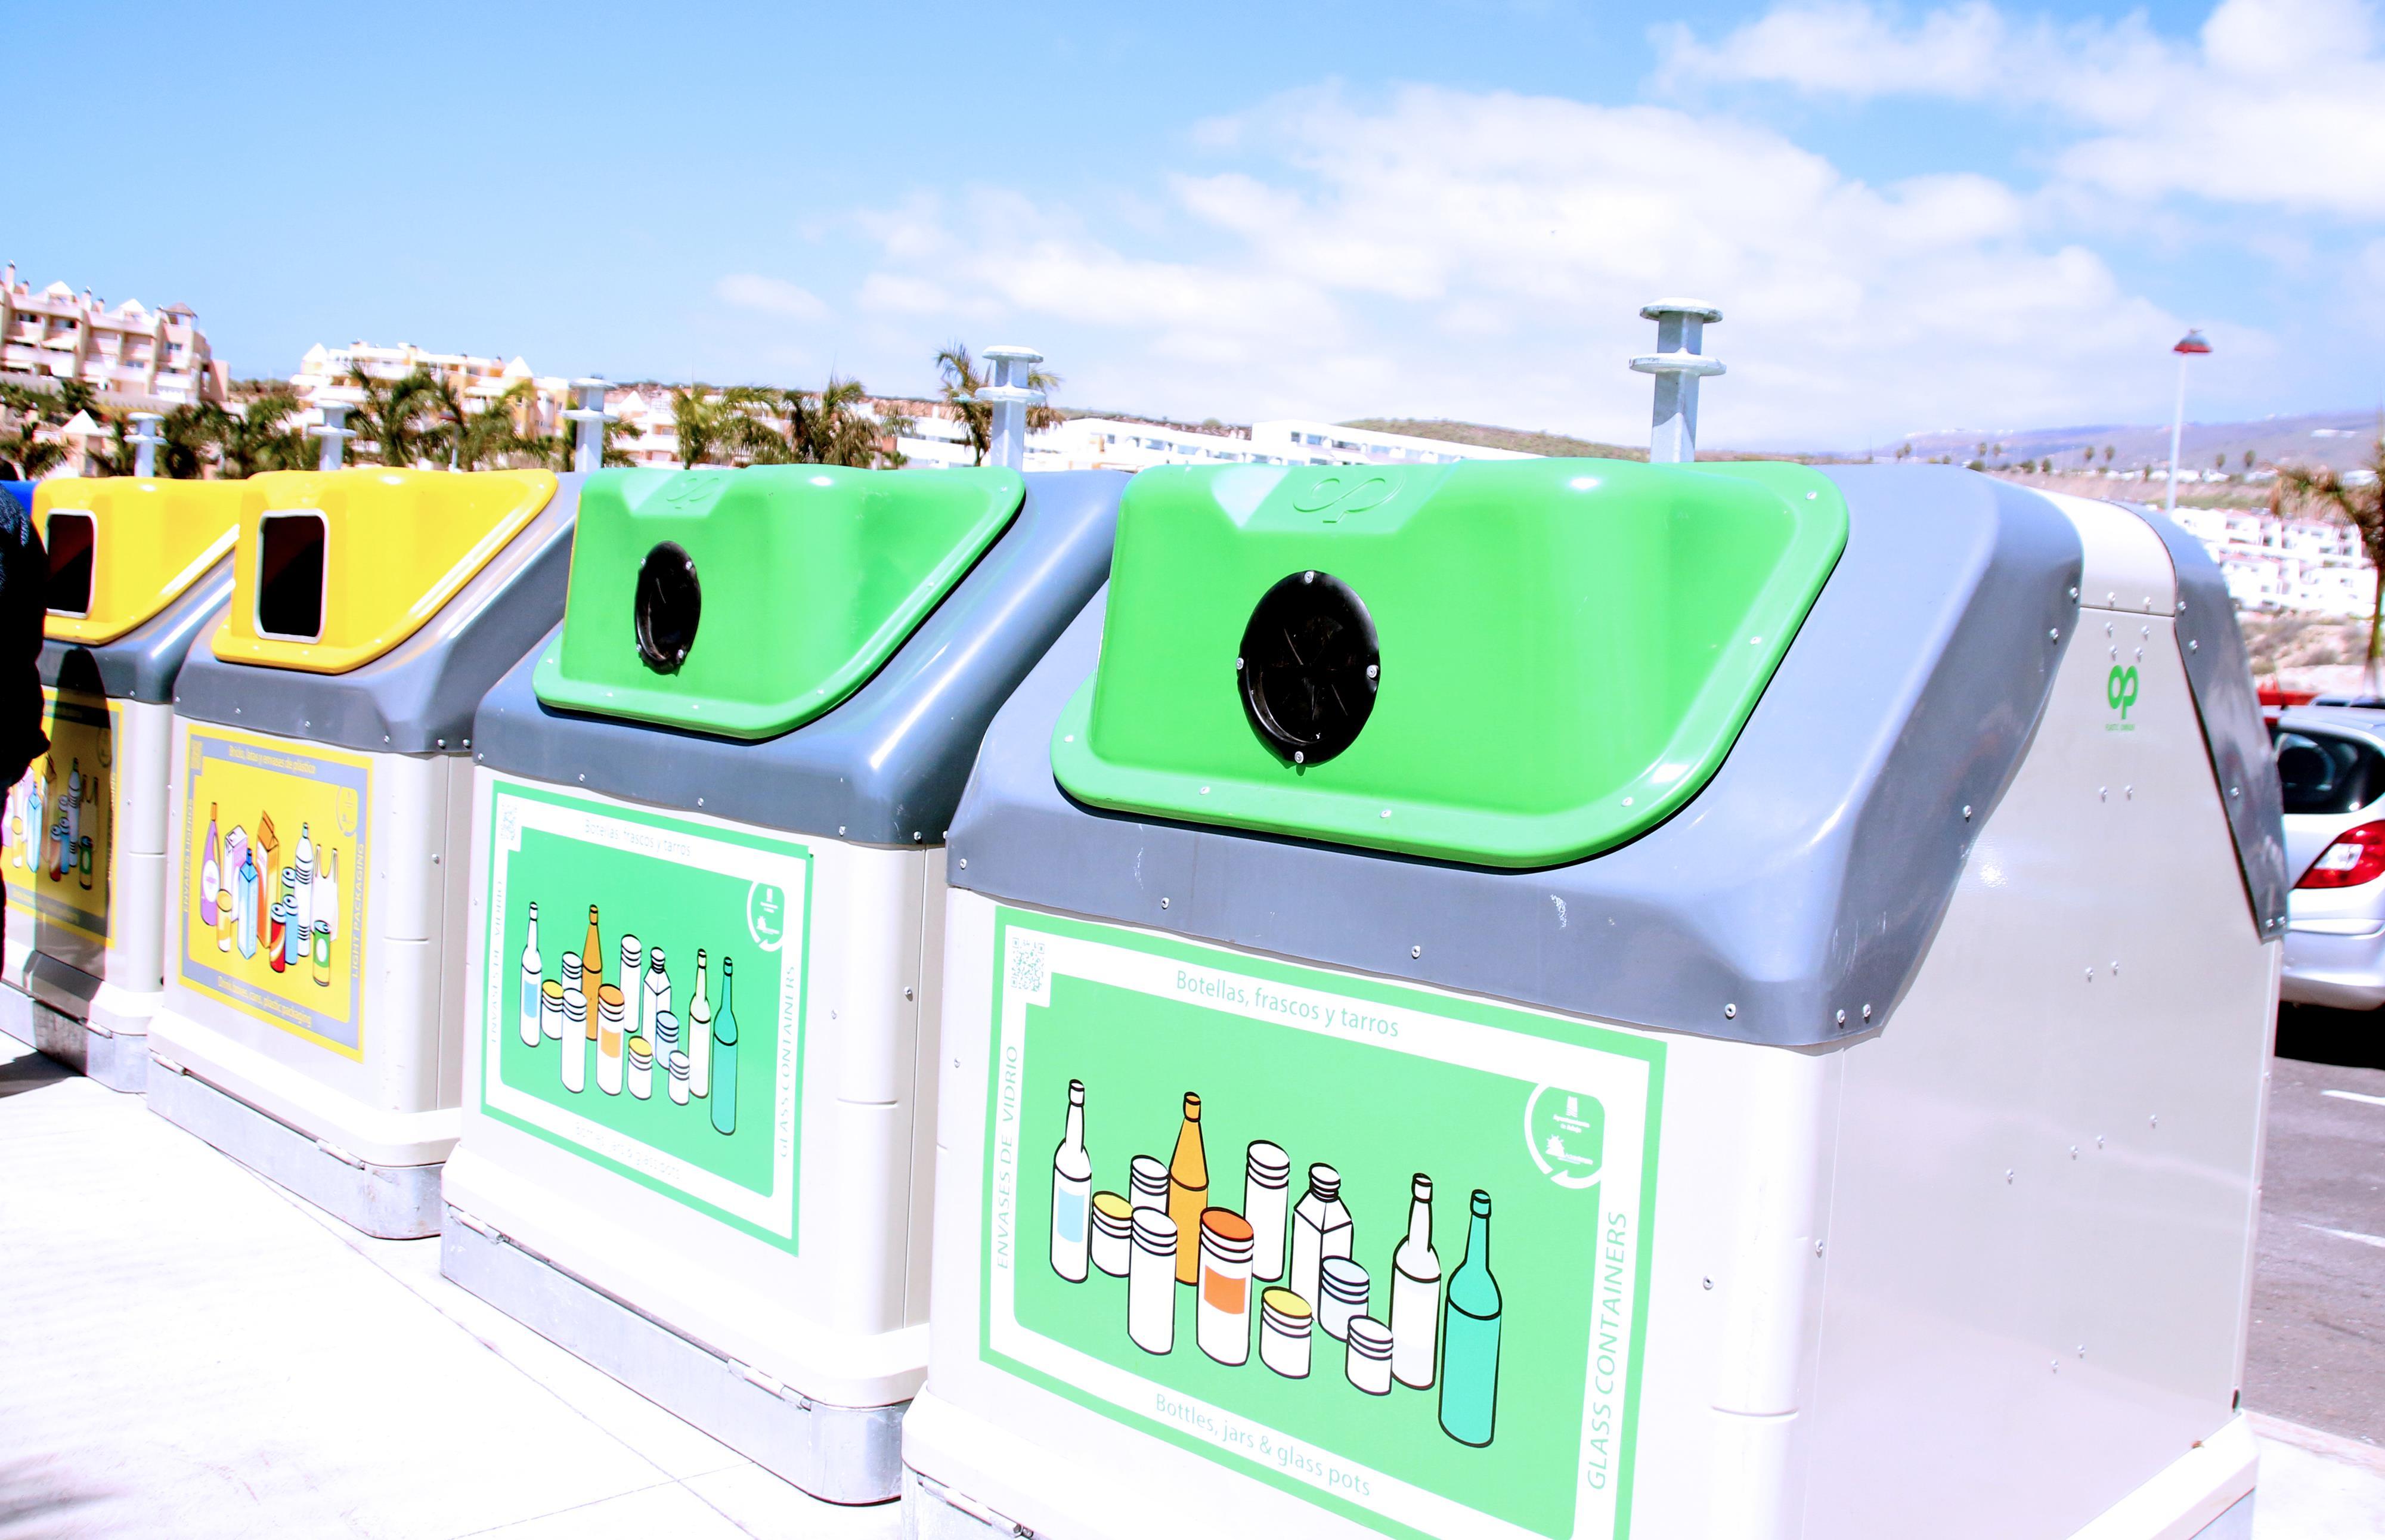 La Caleta cuenta con un nuevo sistema de recogida de residuos único en Adeje